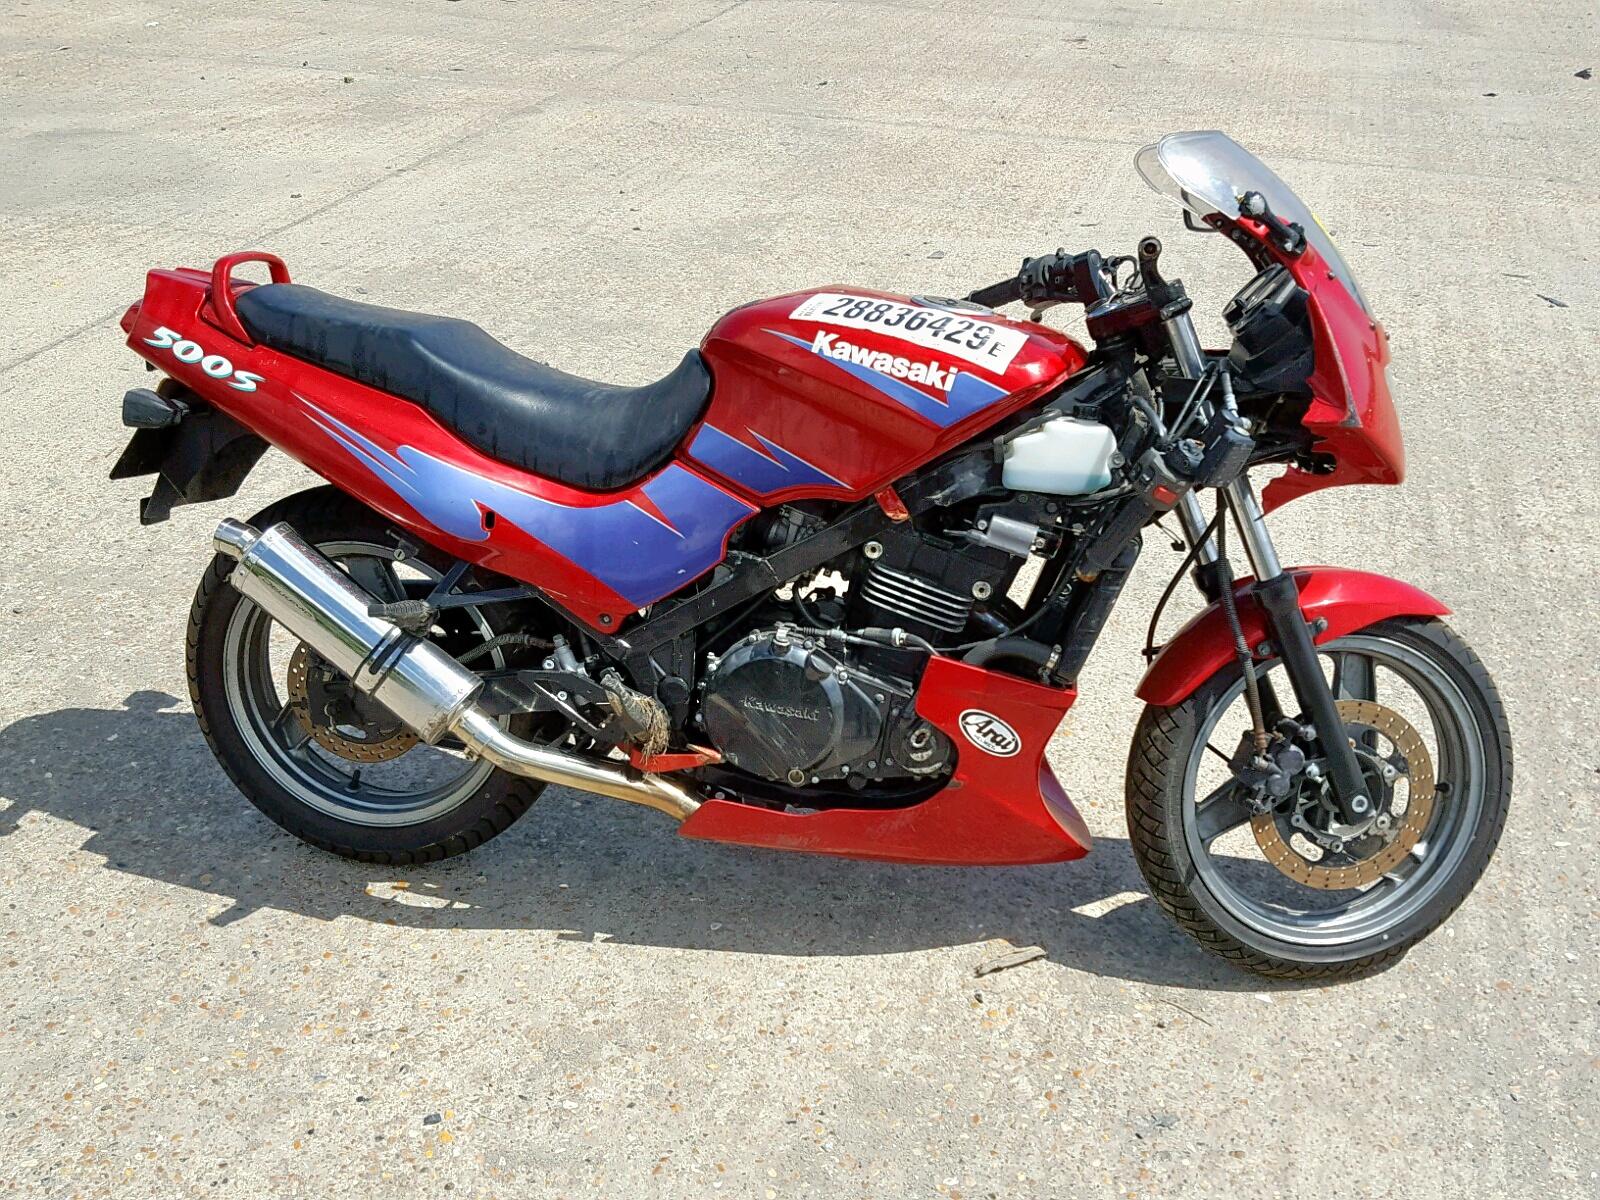 1995 Kawasaki GPZ500